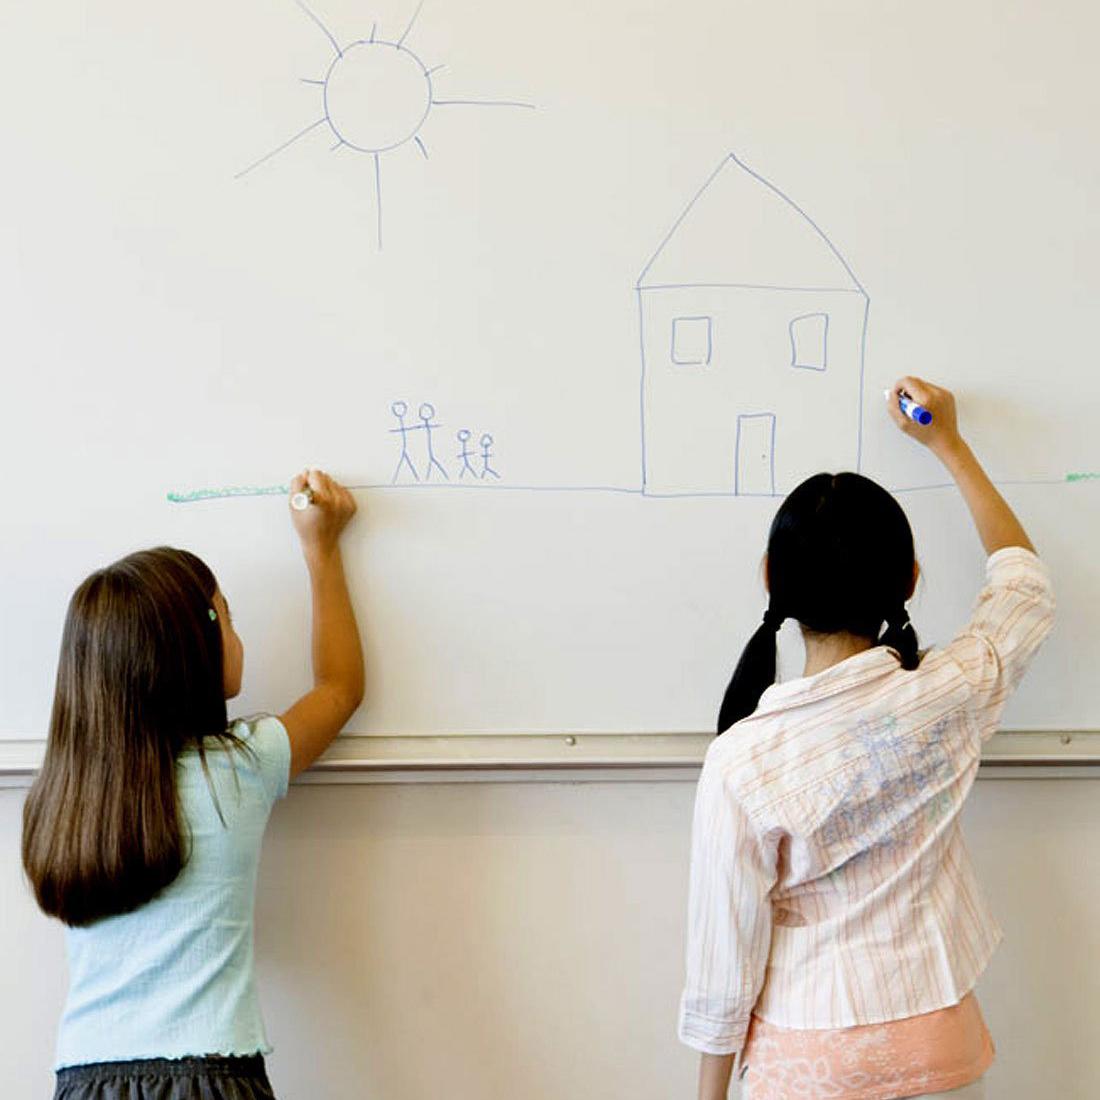 6-Foot Chalkboard or Whiteboard Wall Decal - BelleChic